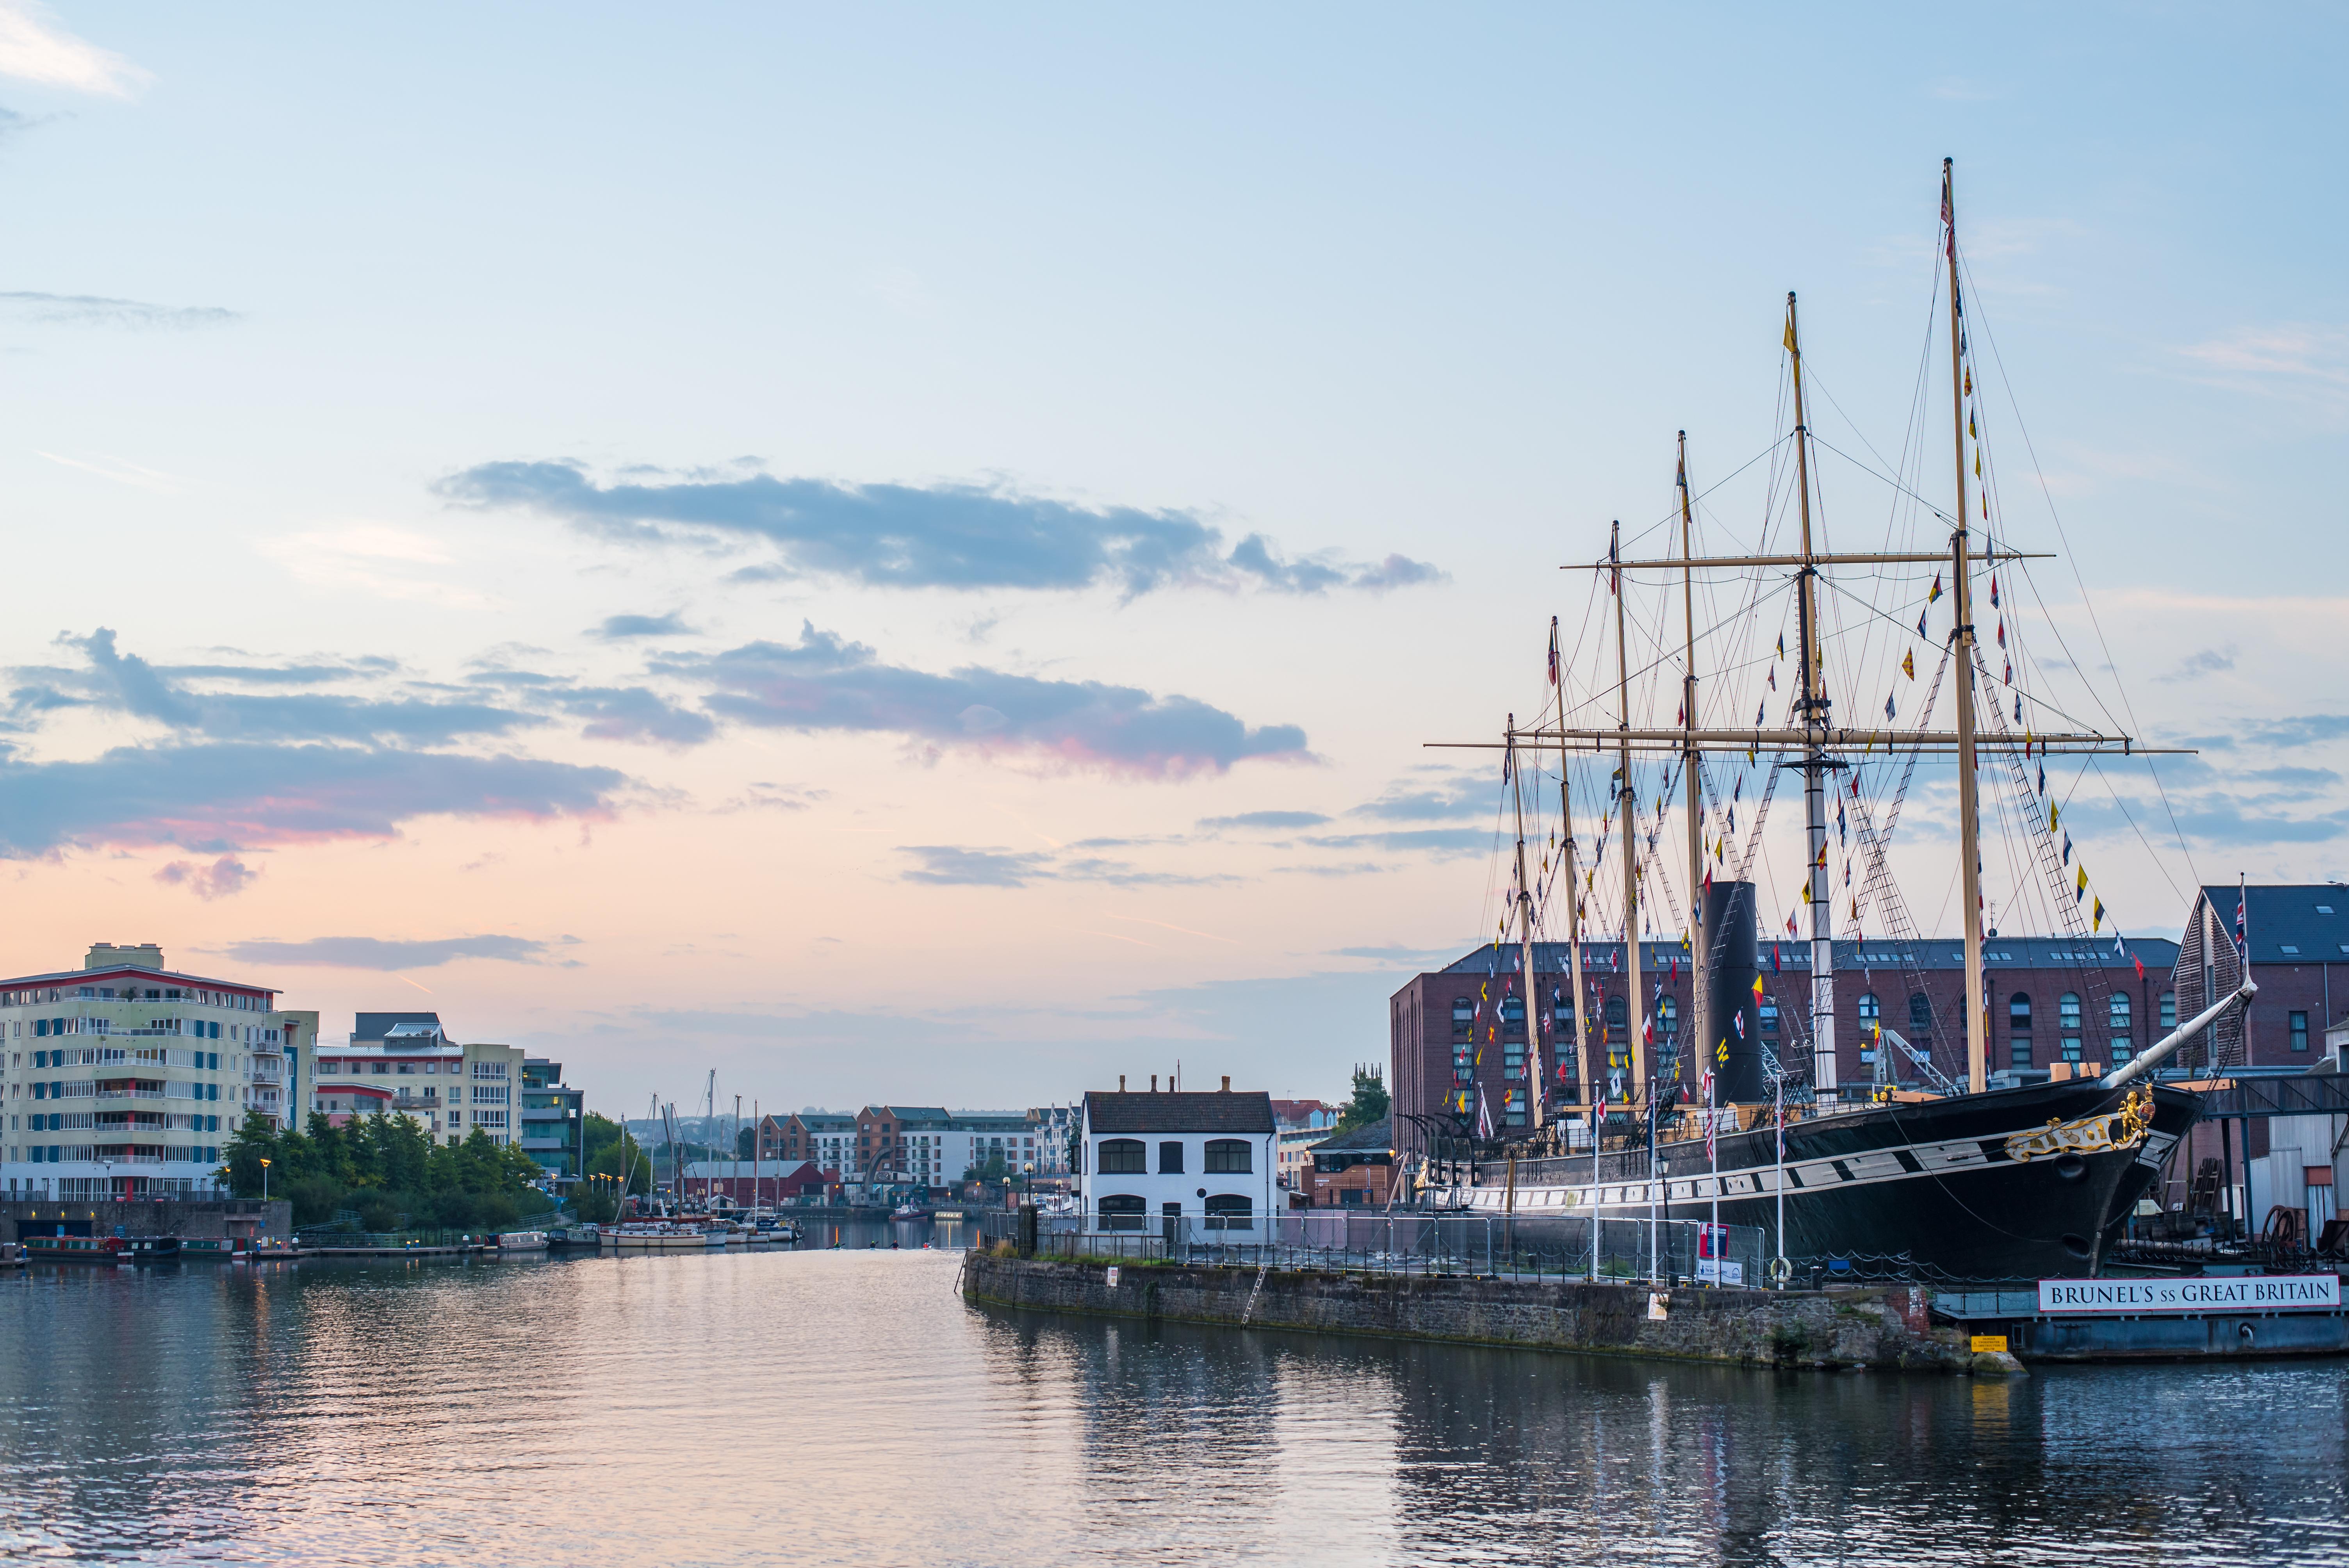 Visita el impresionante Brunel's SS Great Britain, una pieza maestra de ingeniería - Inglaterra Circuito Todo Inglaterra: de York a Londres